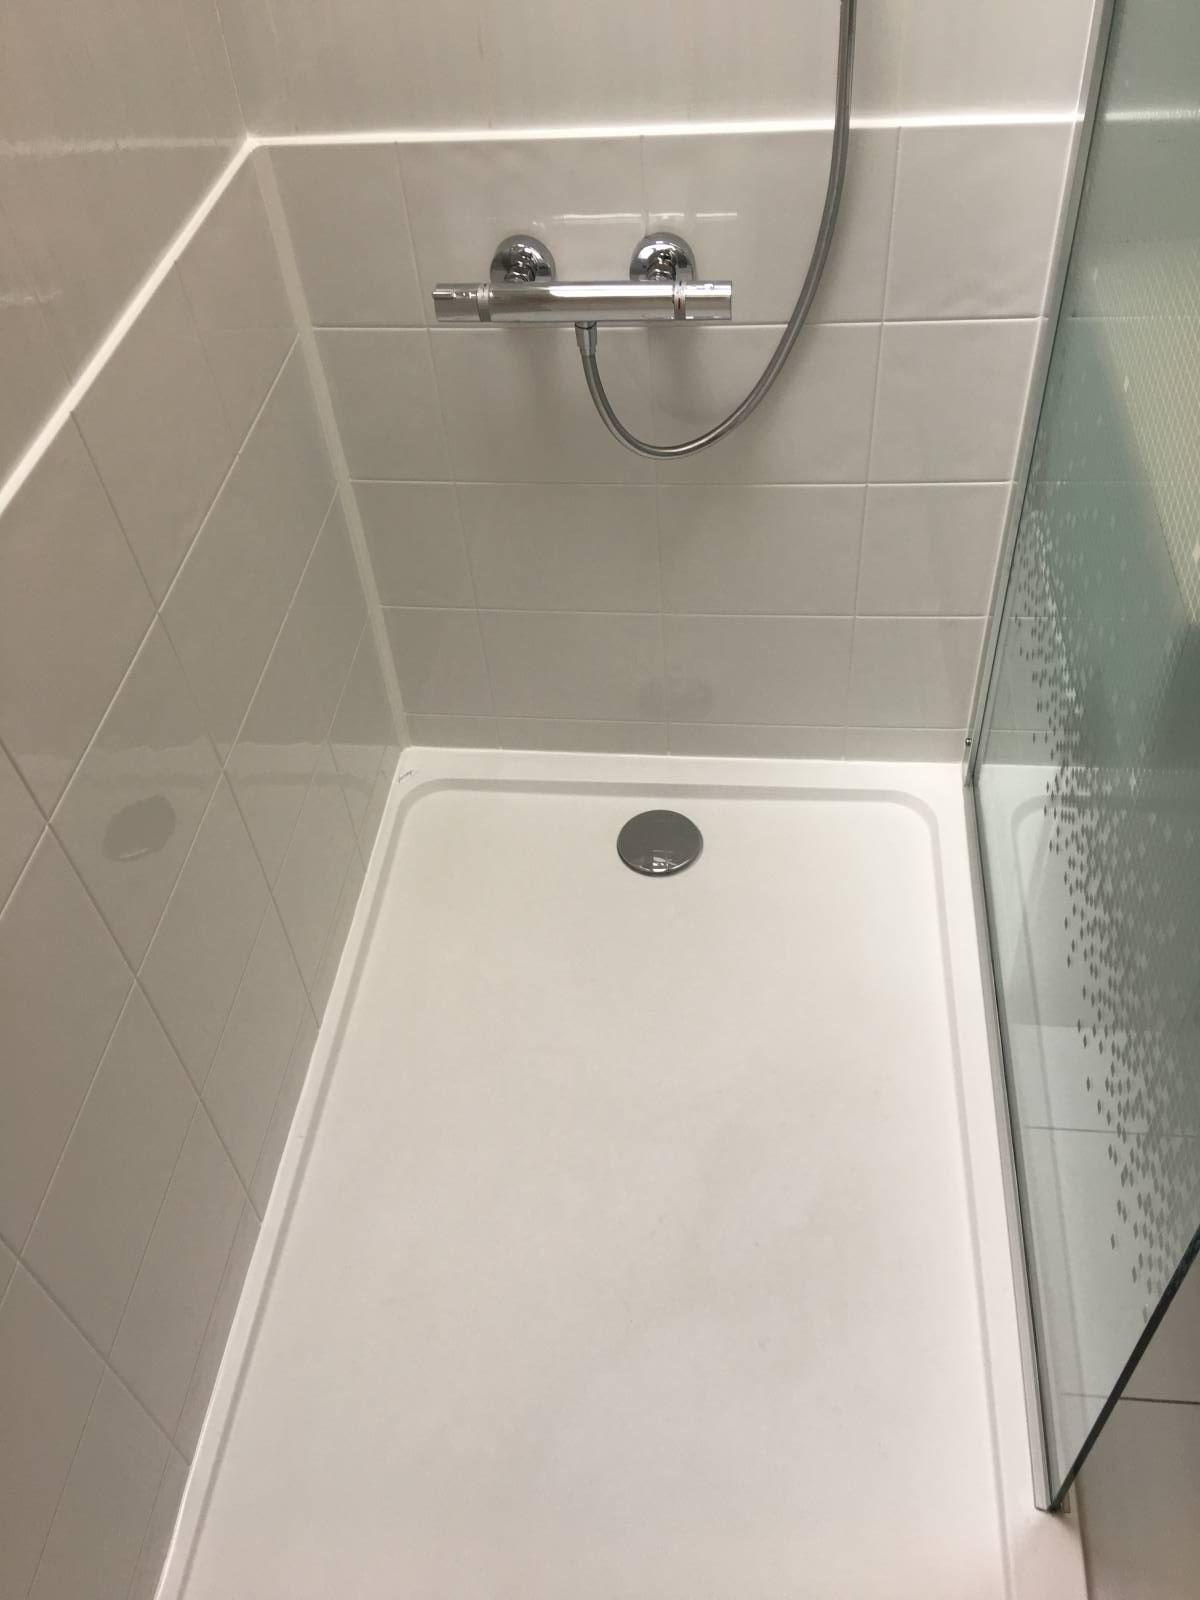 sp cialiste remplacement baignoire par douche senior s curis e chartres et dans tout le. Black Bedroom Furniture Sets. Home Design Ideas